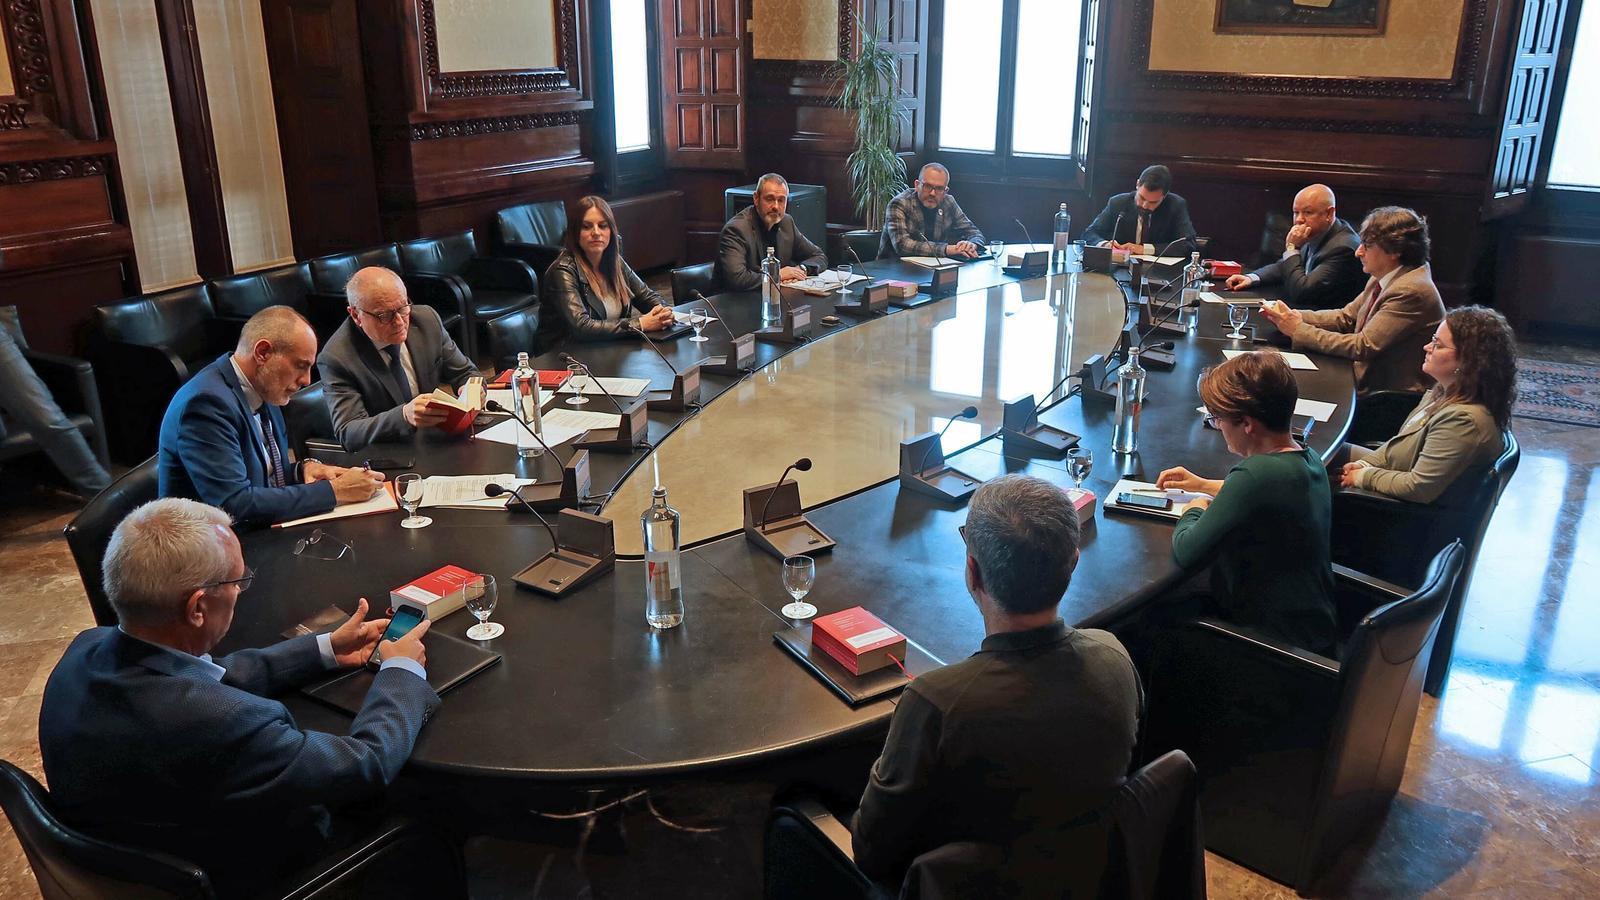 L'última reunió presencial de la mesa el 13 de març, quan va acordar els serveis mínims